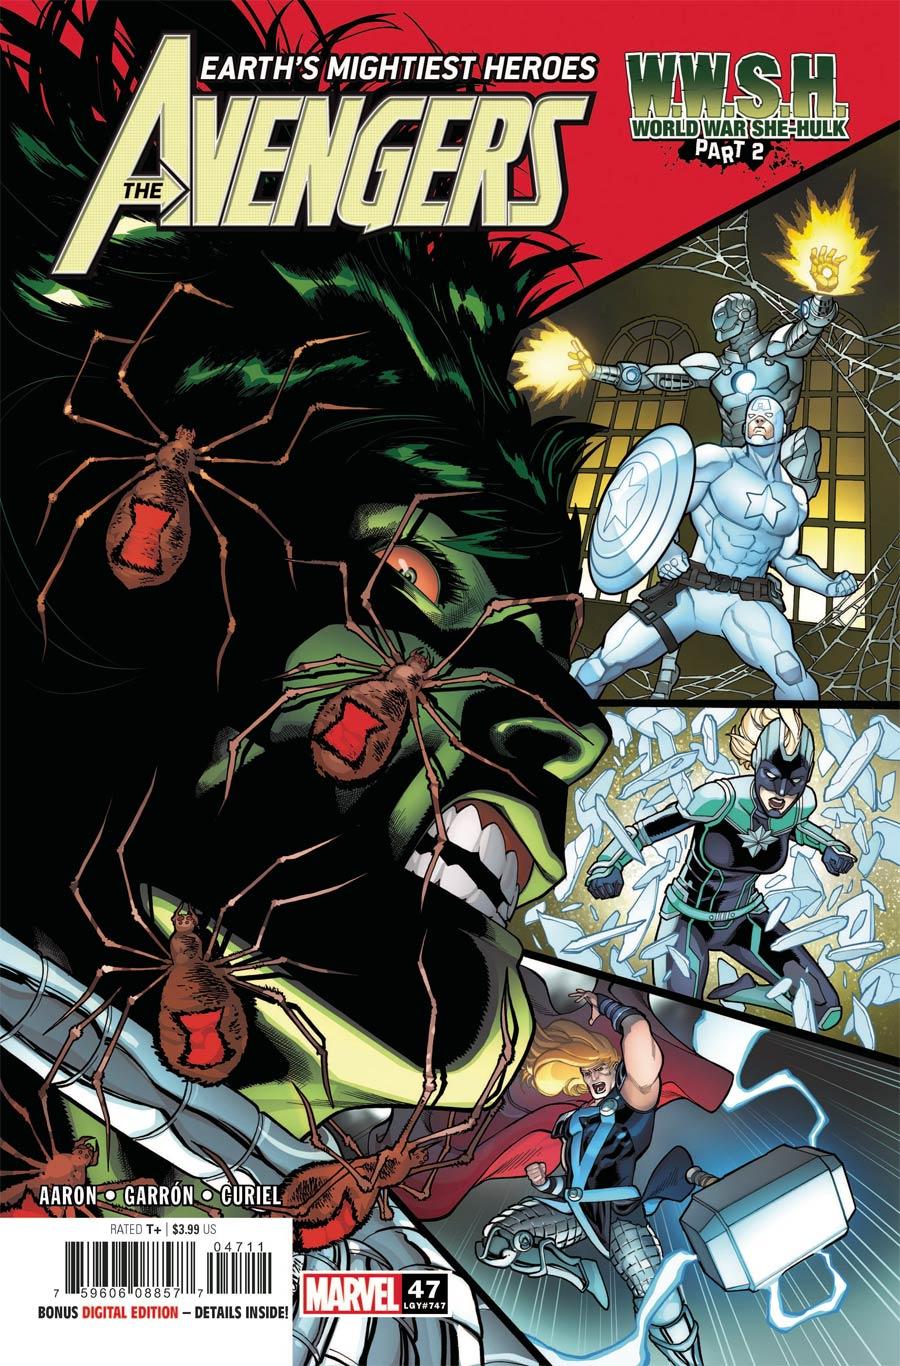 Avengers Vol 7 #47 Cover A Regular Javier Garron Cover